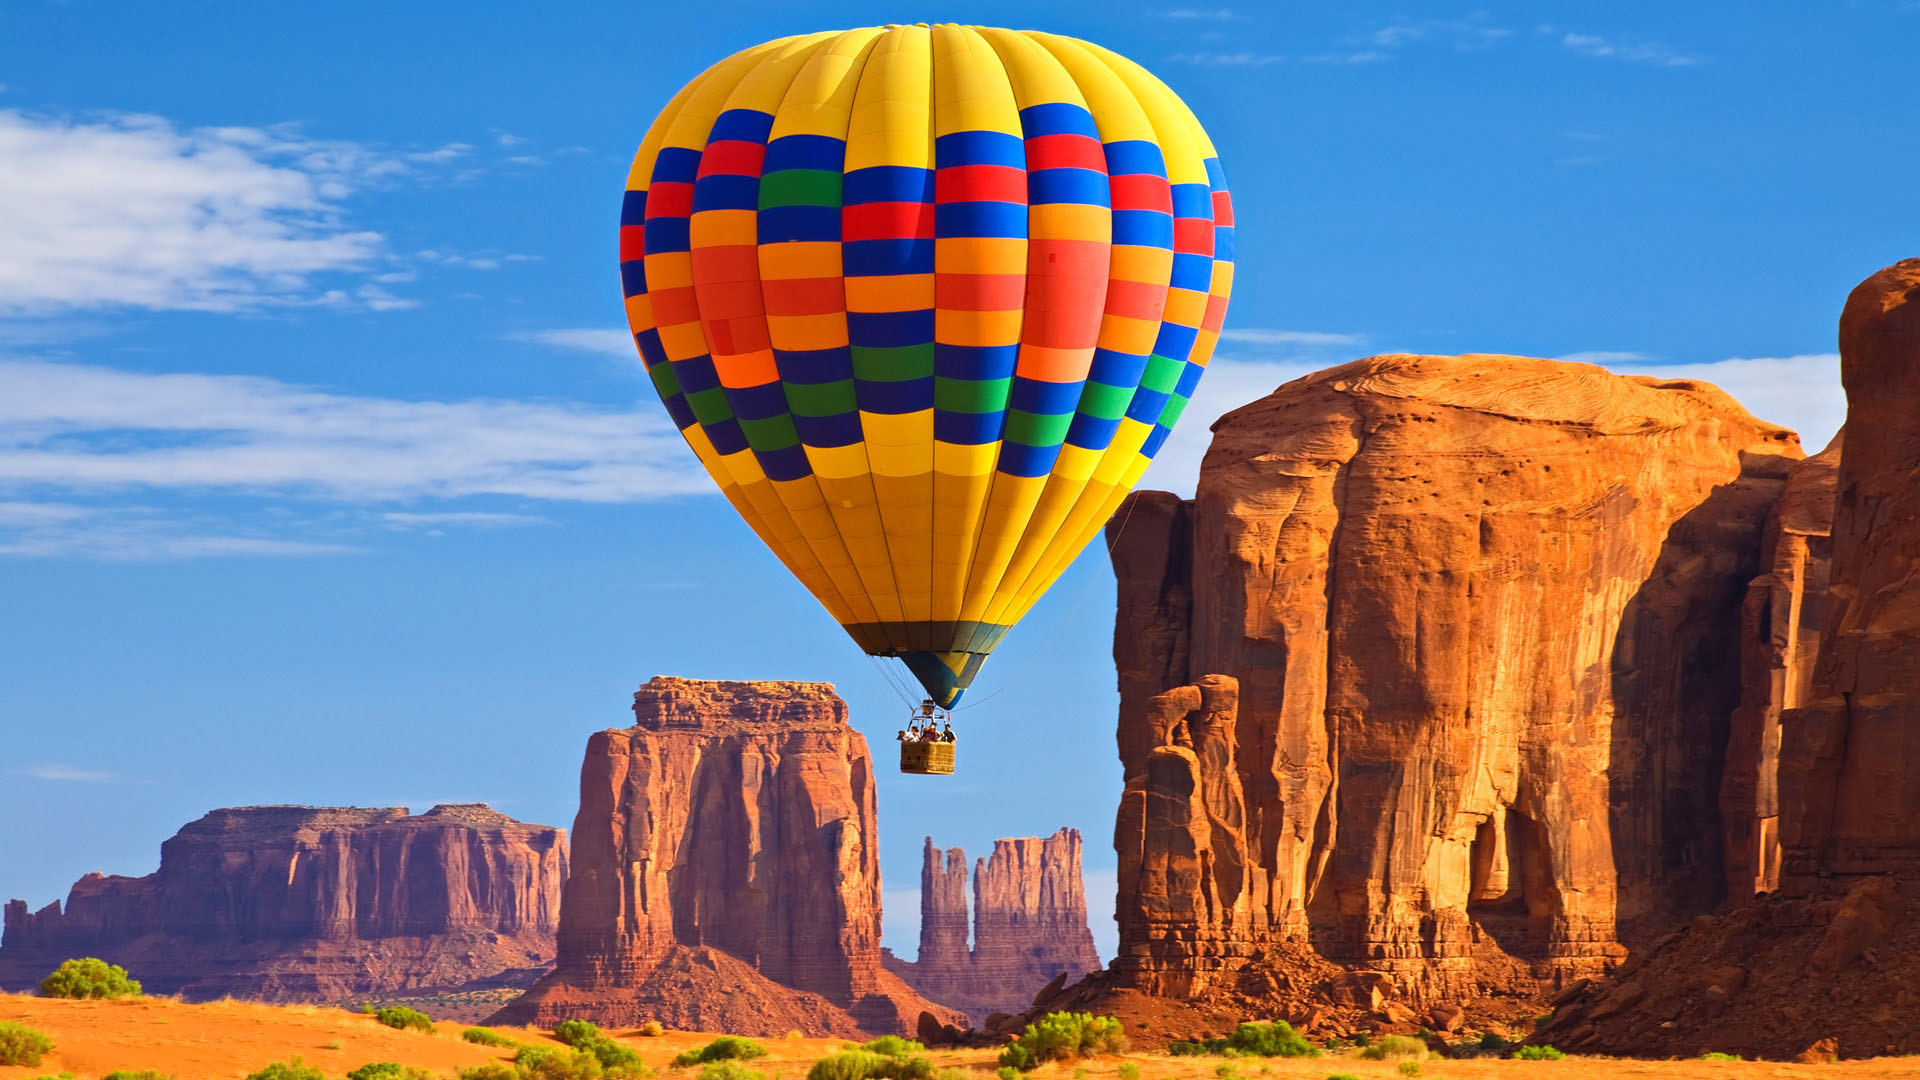 Summer hot air ballooning